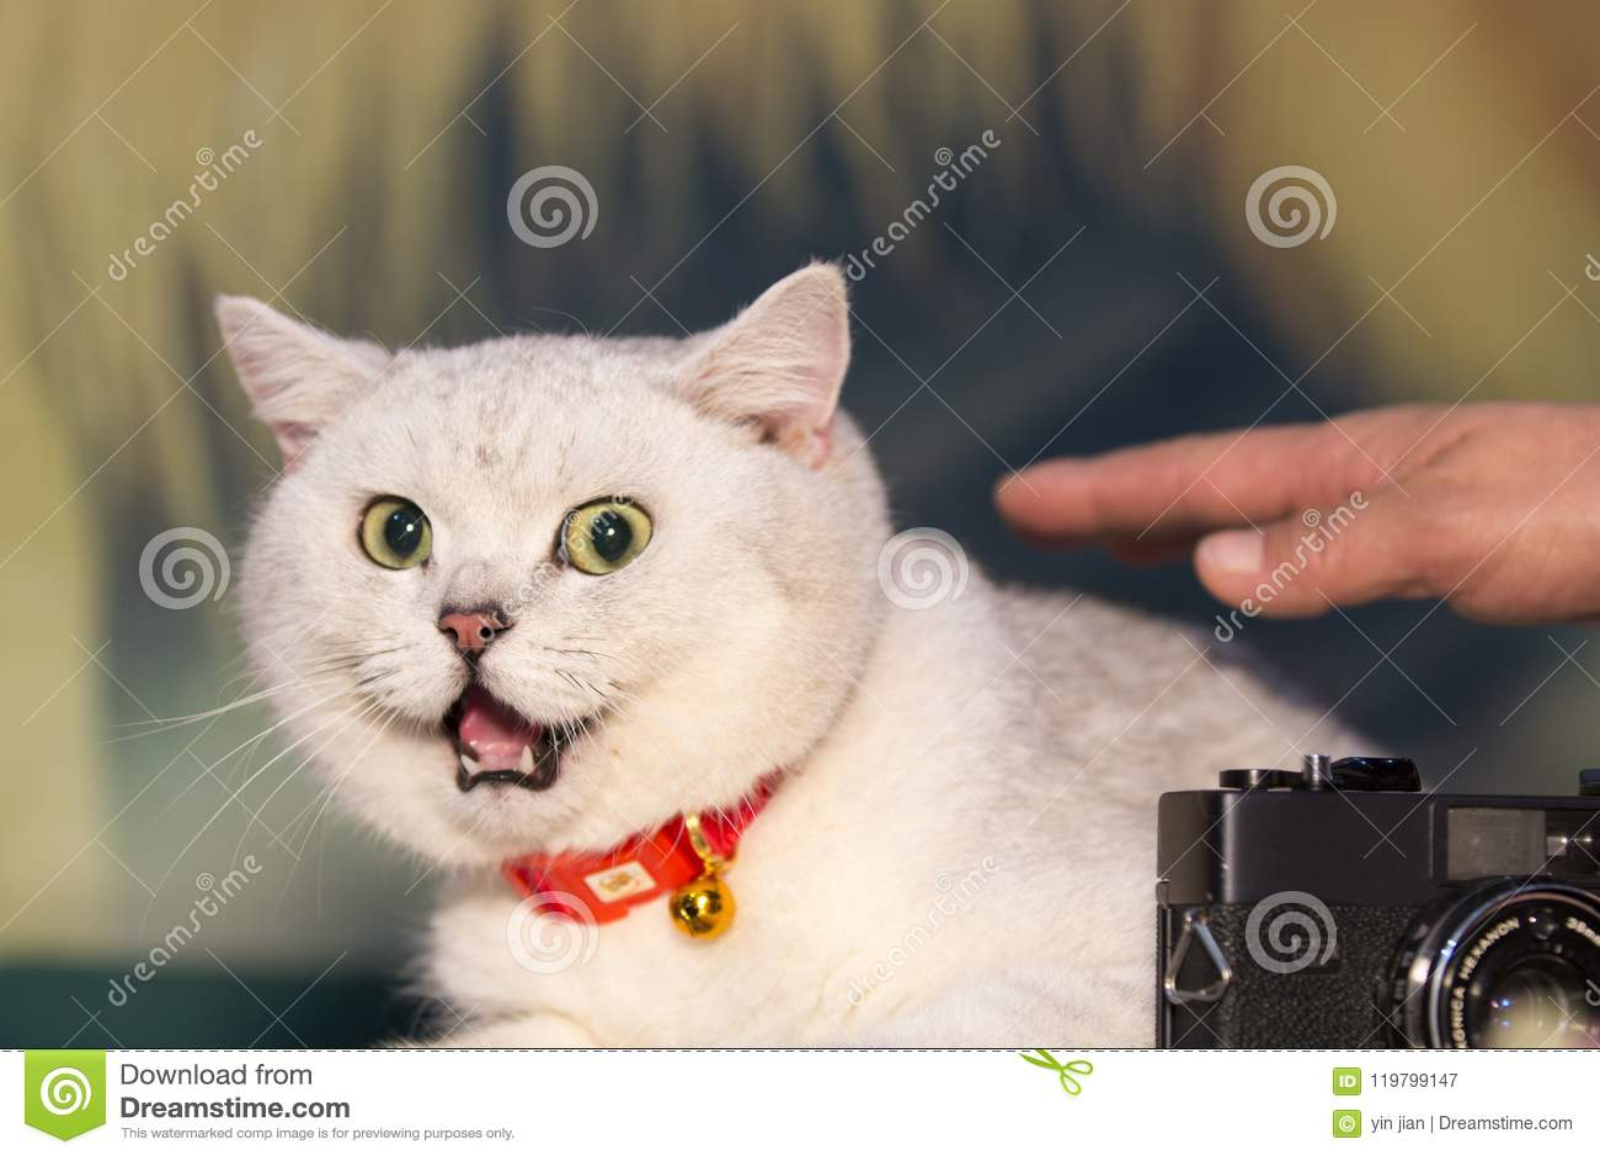 Μια παχιά γάτα με μια πλούσια έκφραση